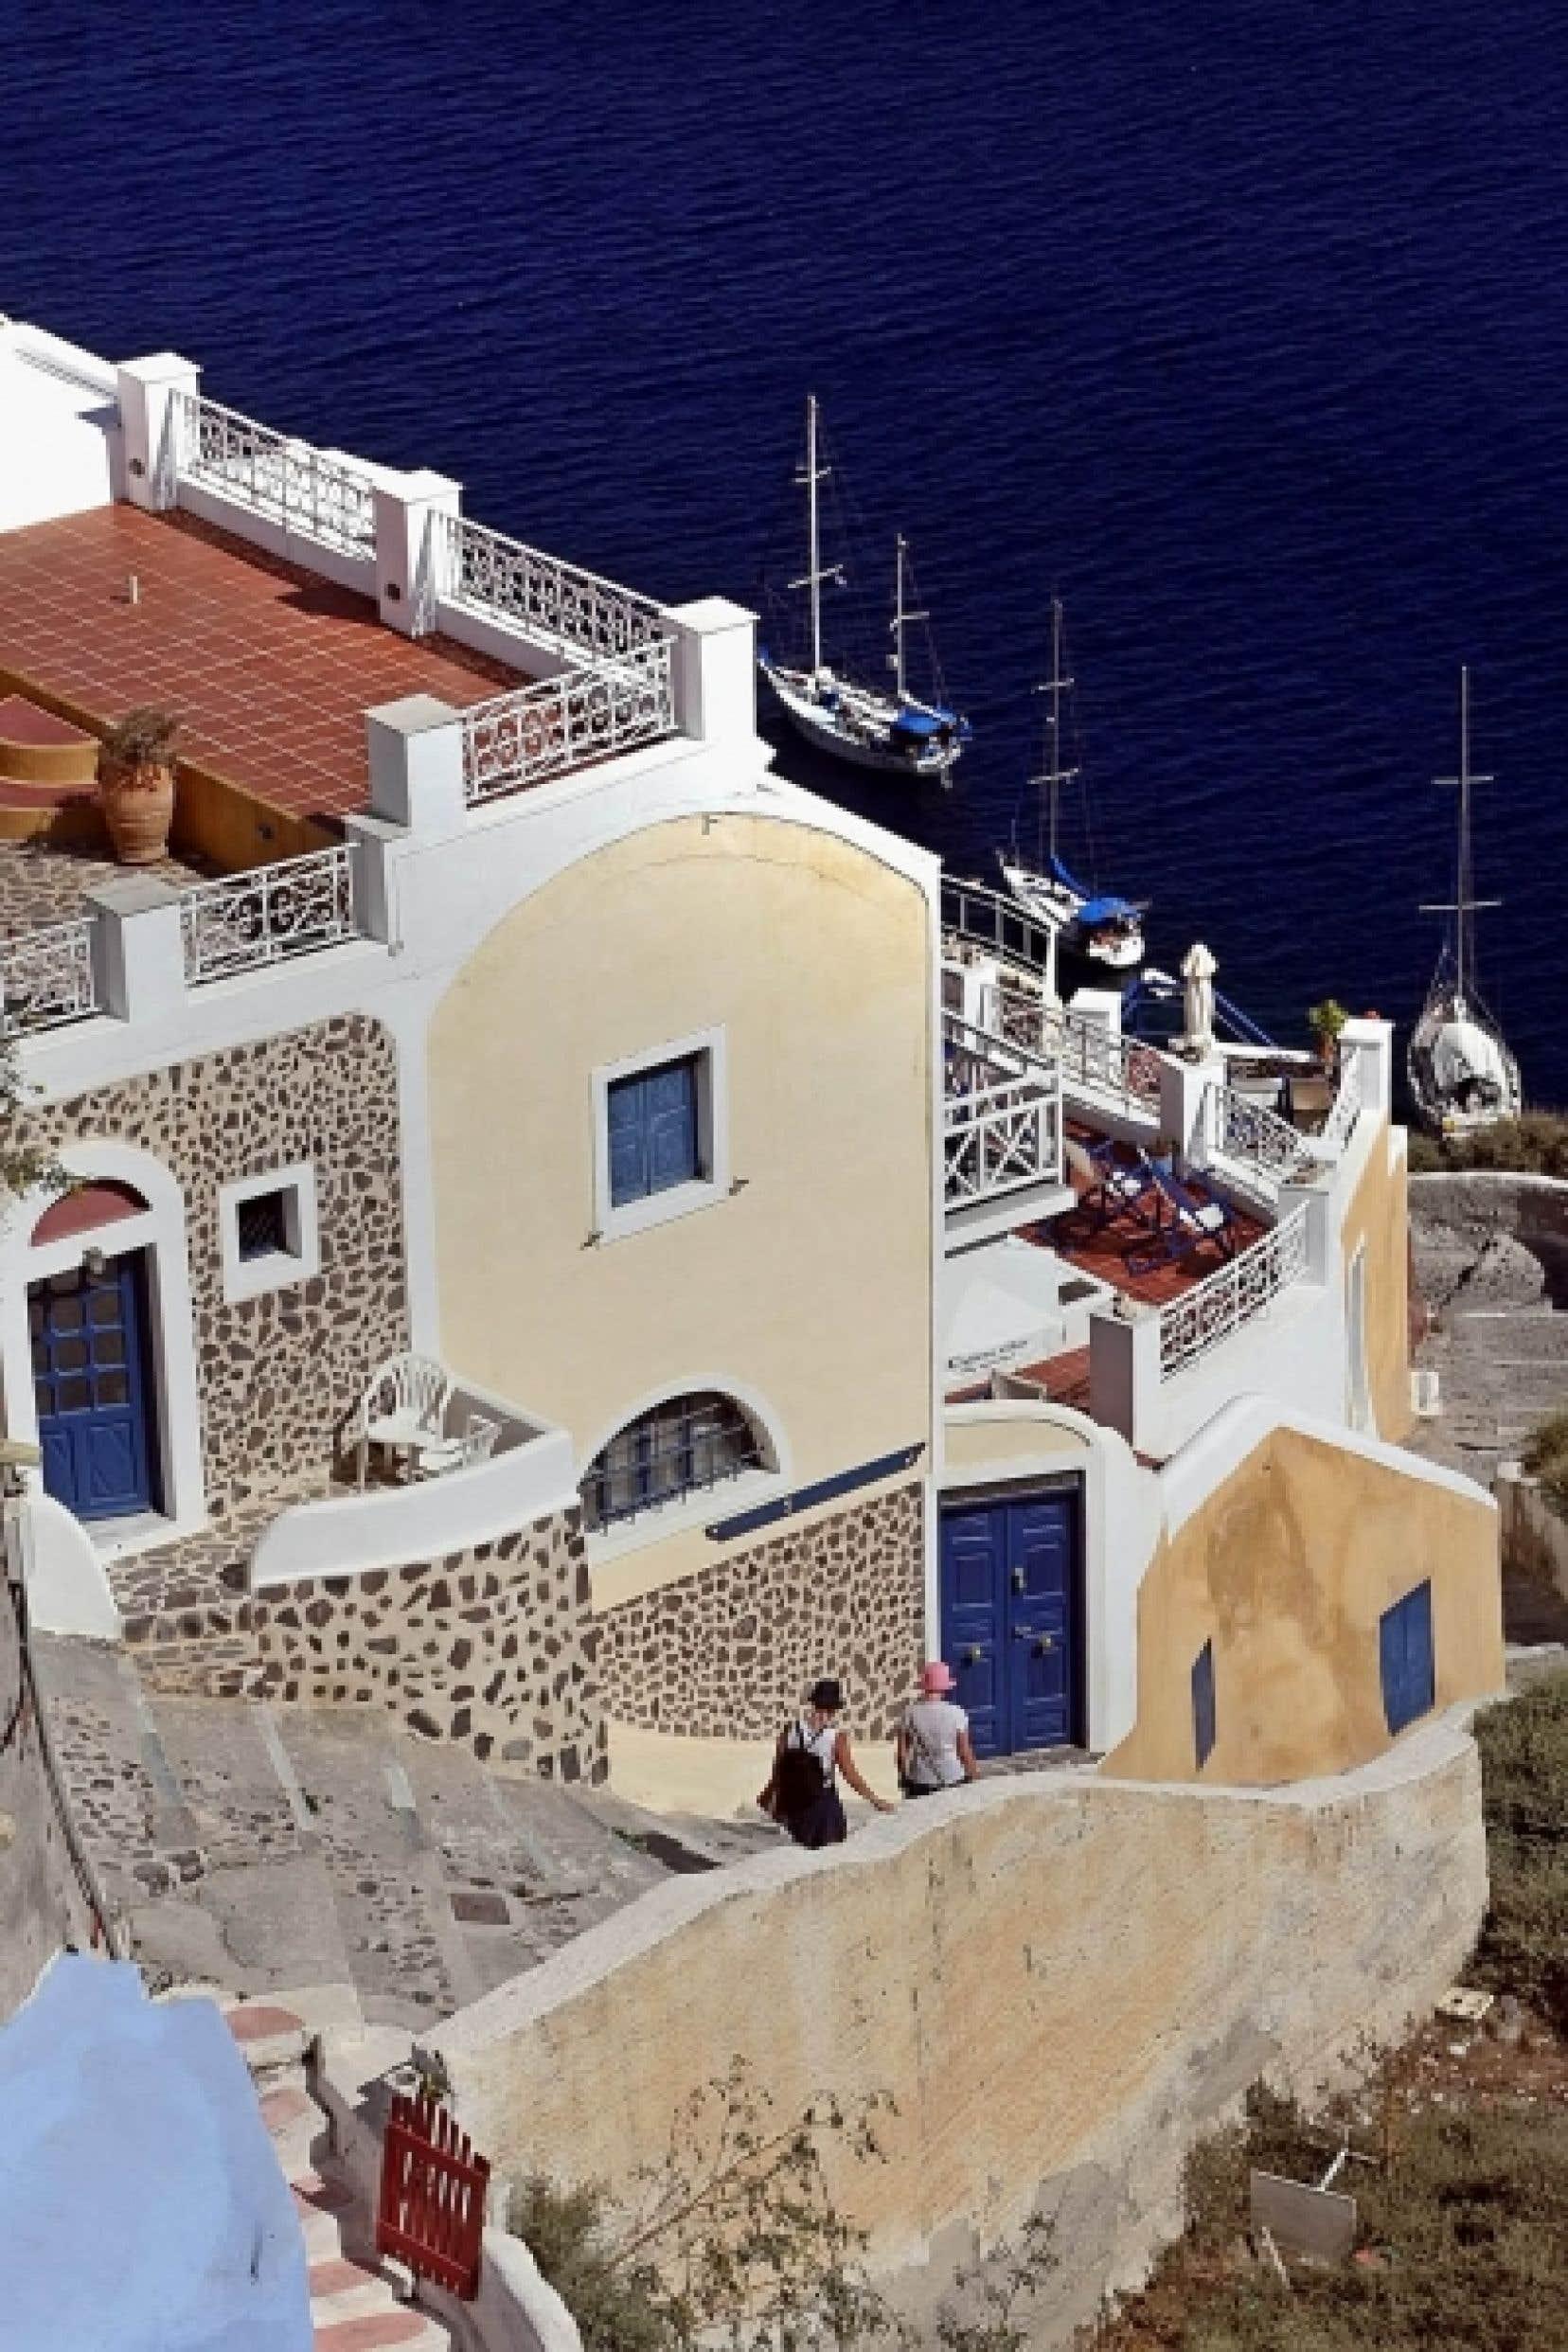 Plusieurs Grecs déclarent avoir des revenus modestes, et pourtant ils habitent des résidences somptueuses, ont un bateau amarré au quai, et une piscine qu'ils essaient de dérober au regard des inspecteurs du ministère du Revenu.